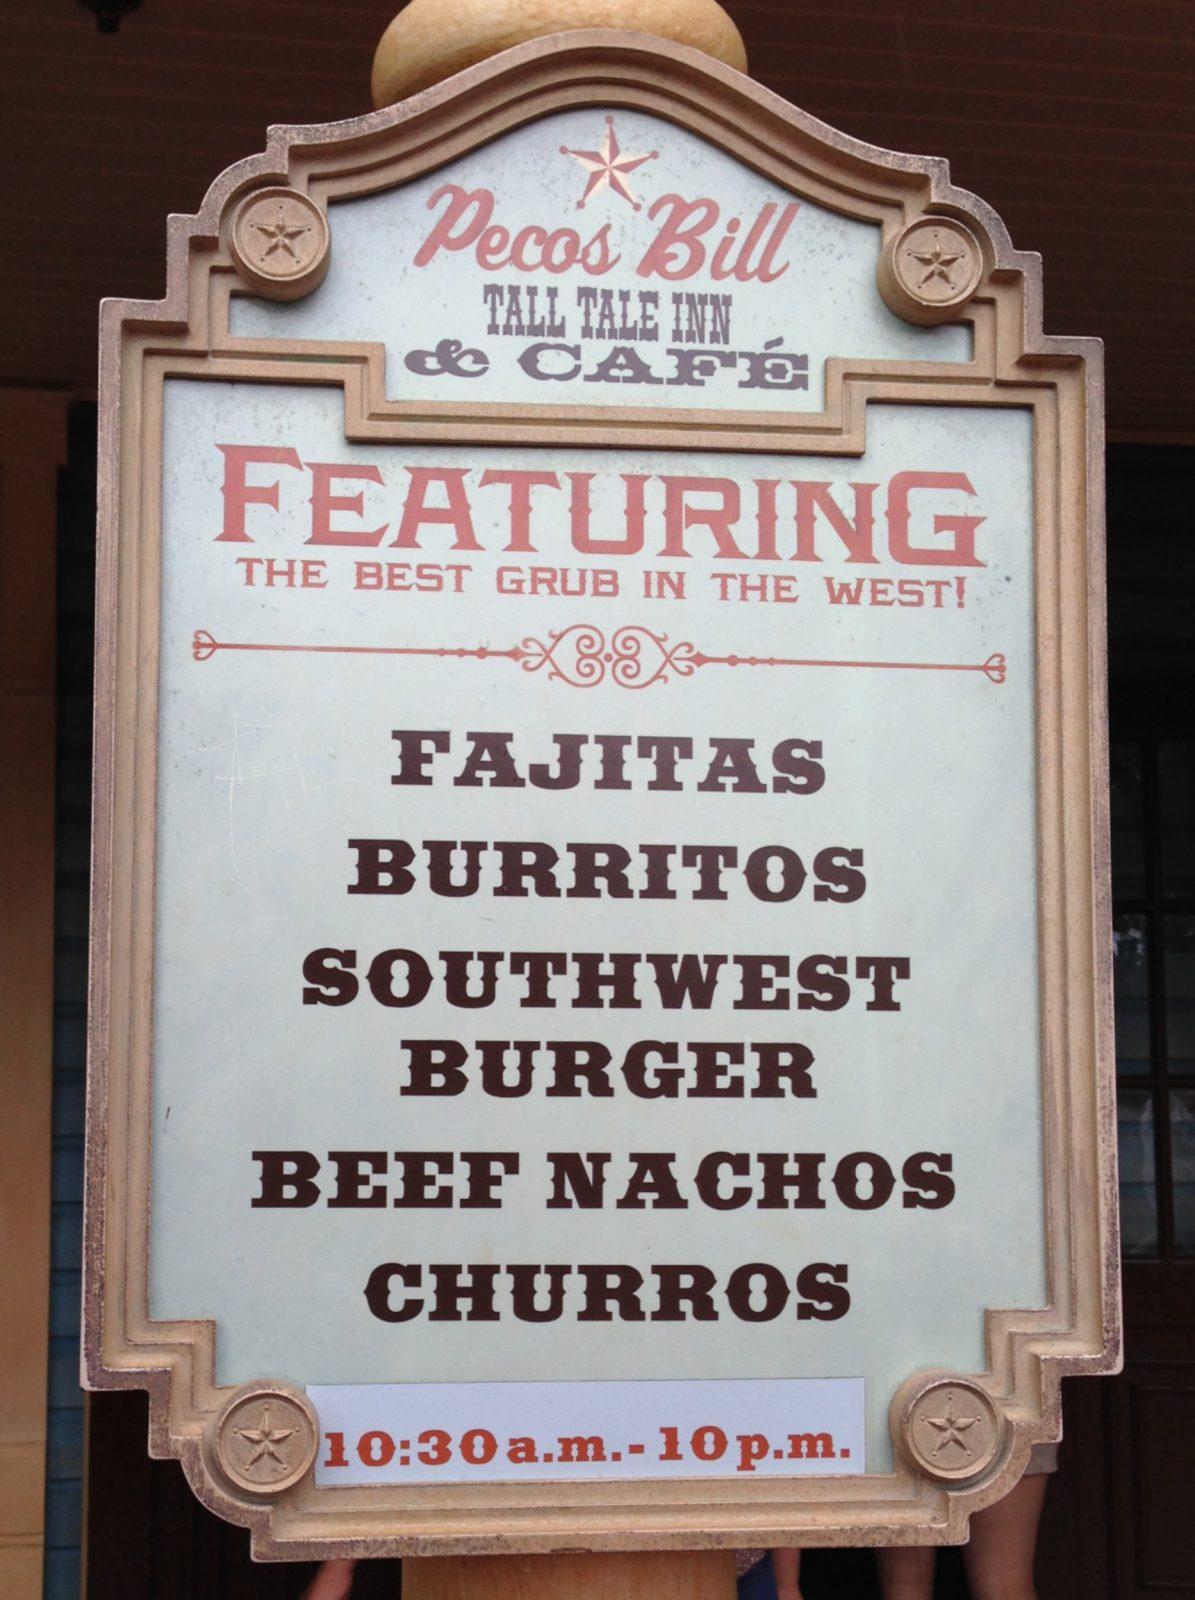 Pecos Bill tall tale inn and cafe menu sign